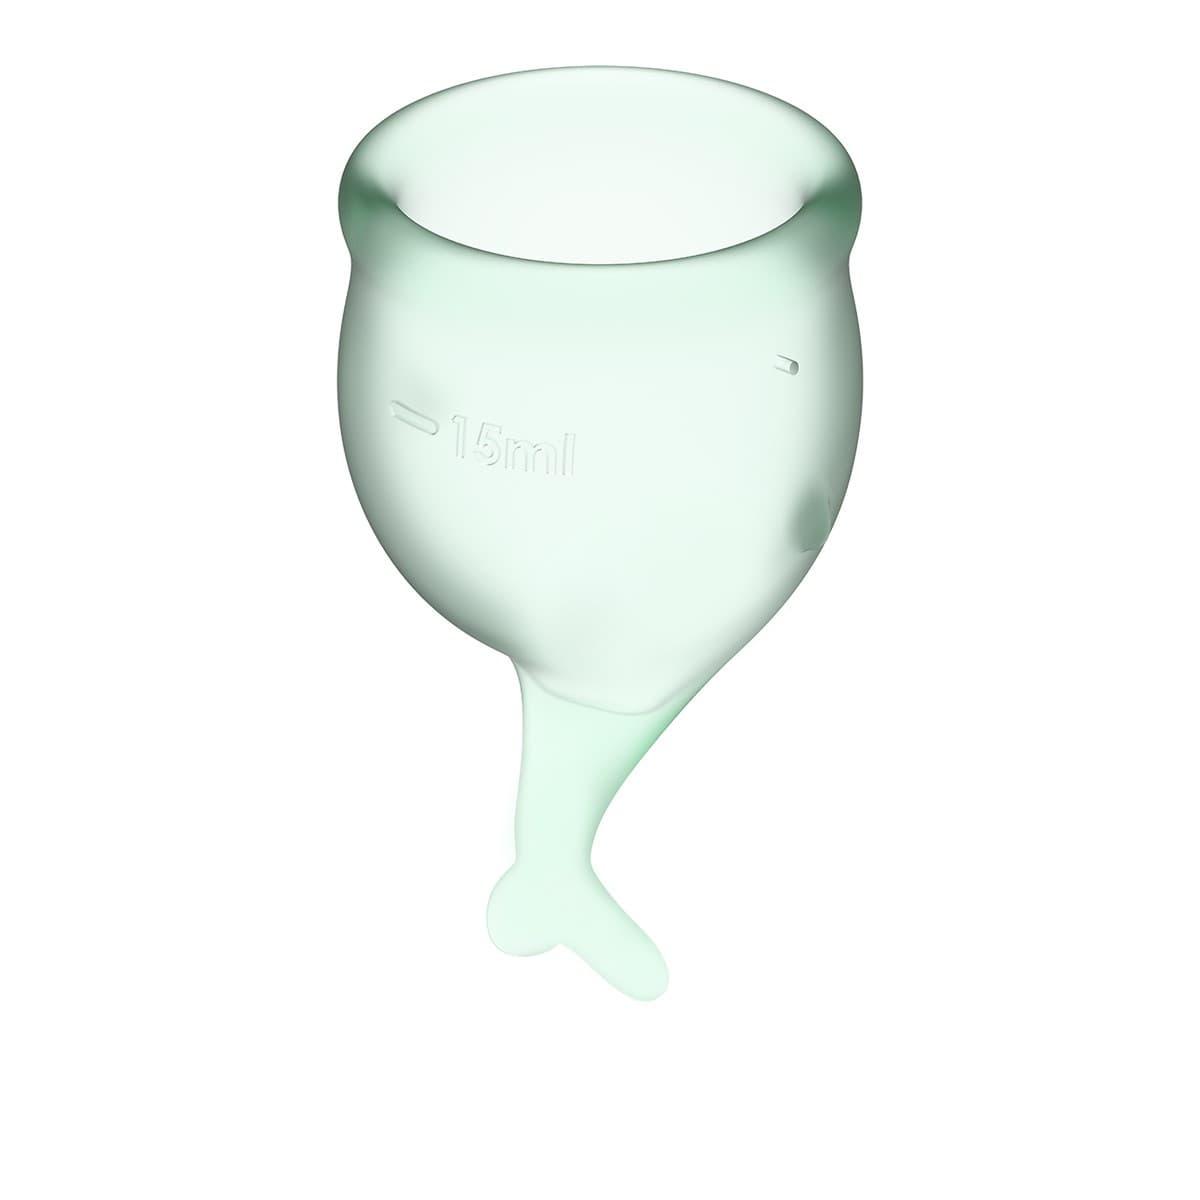 Satisfyer Feel Secure Menstrual Cup, Набор Менструальных Чаш - фото 18754